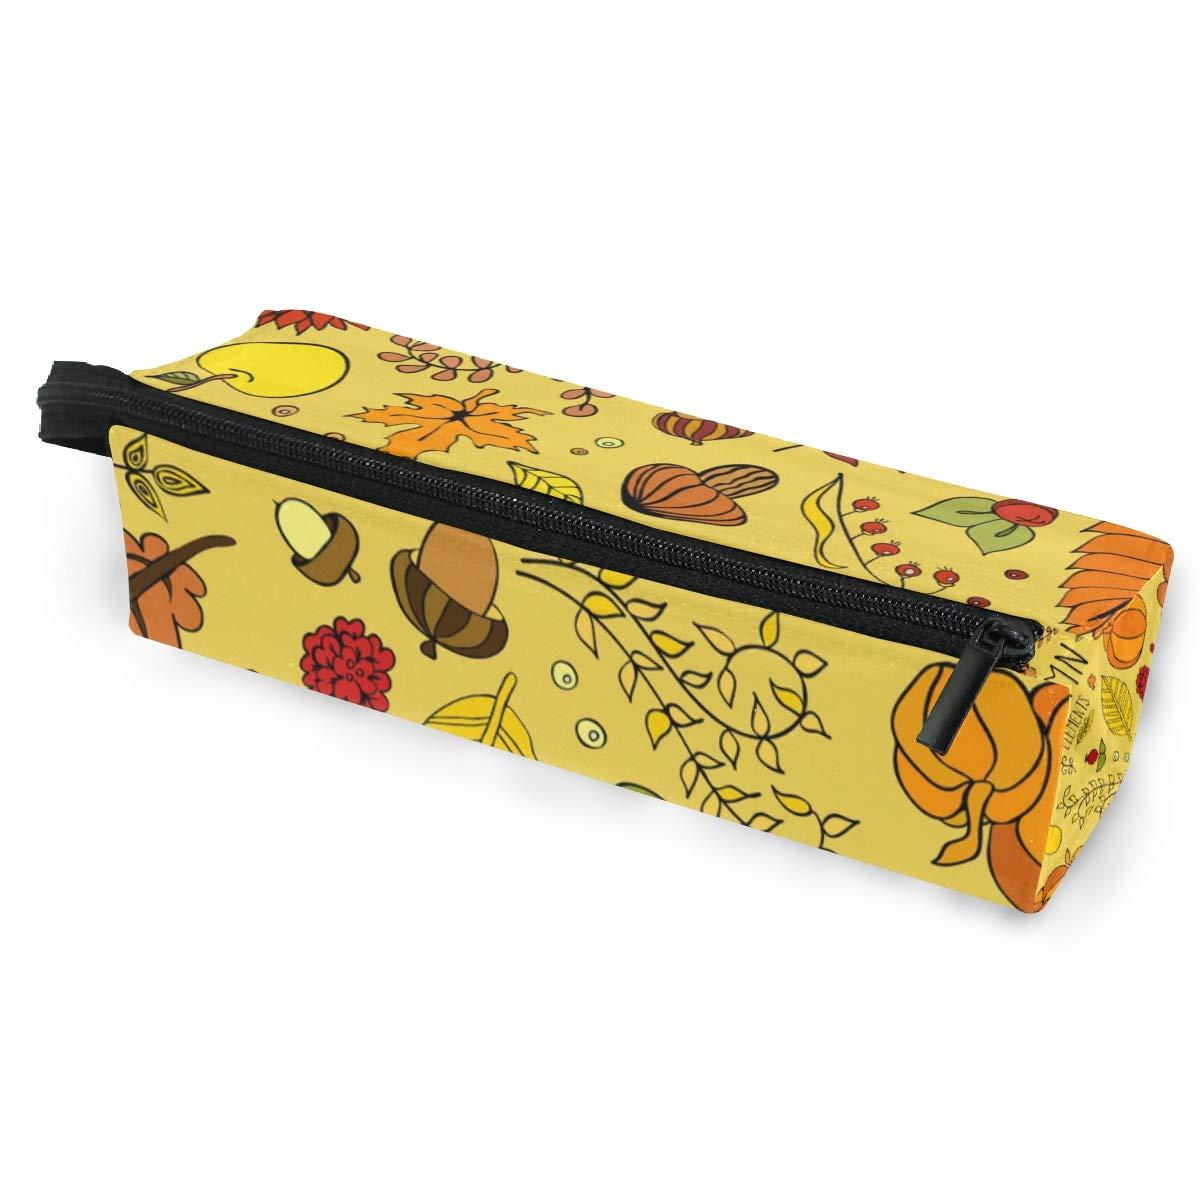 Estuche de bolsa de lápiz Gafas de sol Patrón de otoño de dibujos animados Estética Estudiantes Papelería Bolsa Cremallera para niñas Niños: Amazon.es: Oficina y papelería